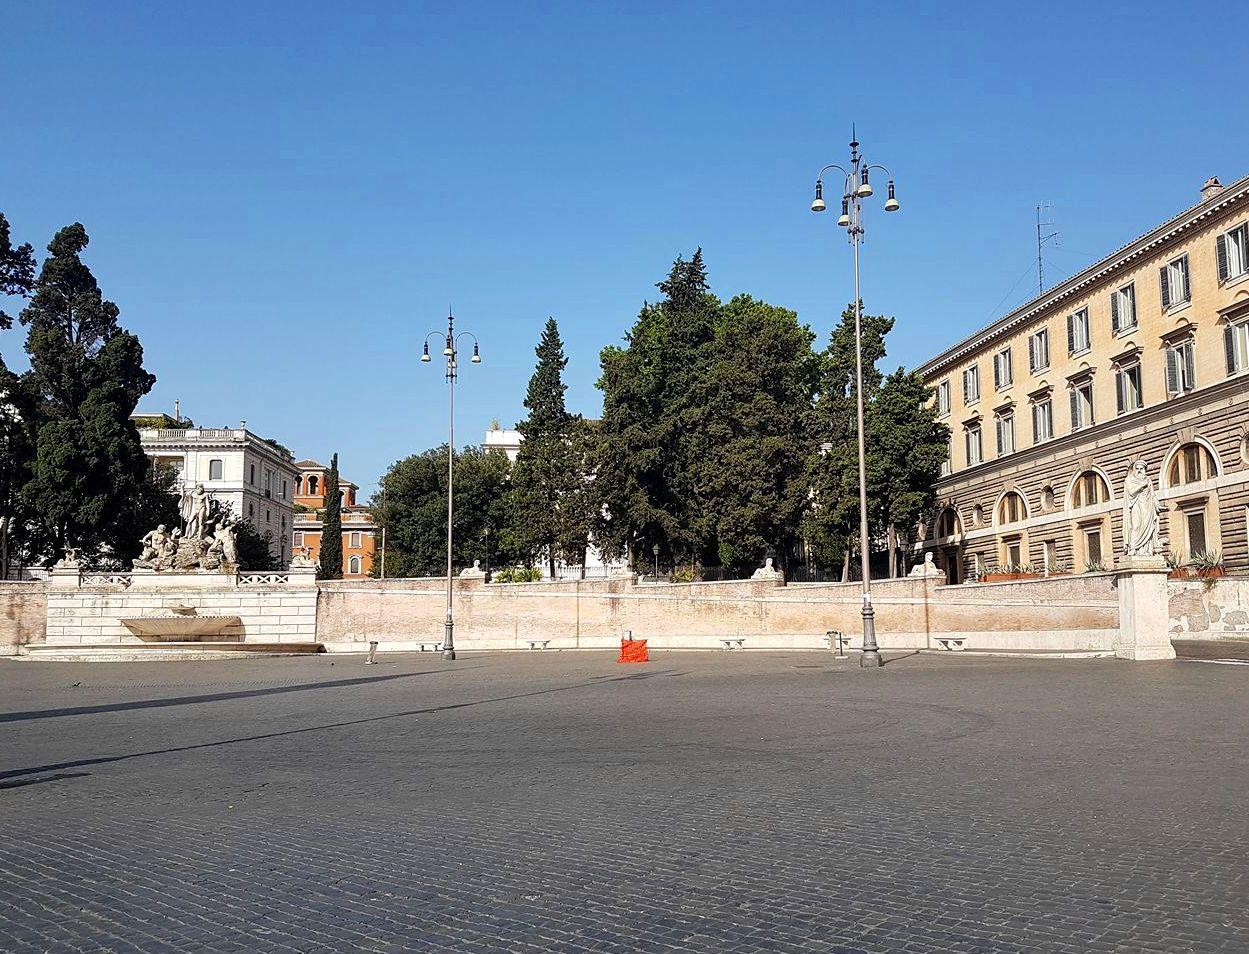 Segredos de Roma - Piazza del Popolo - Blog Vou pra Roma